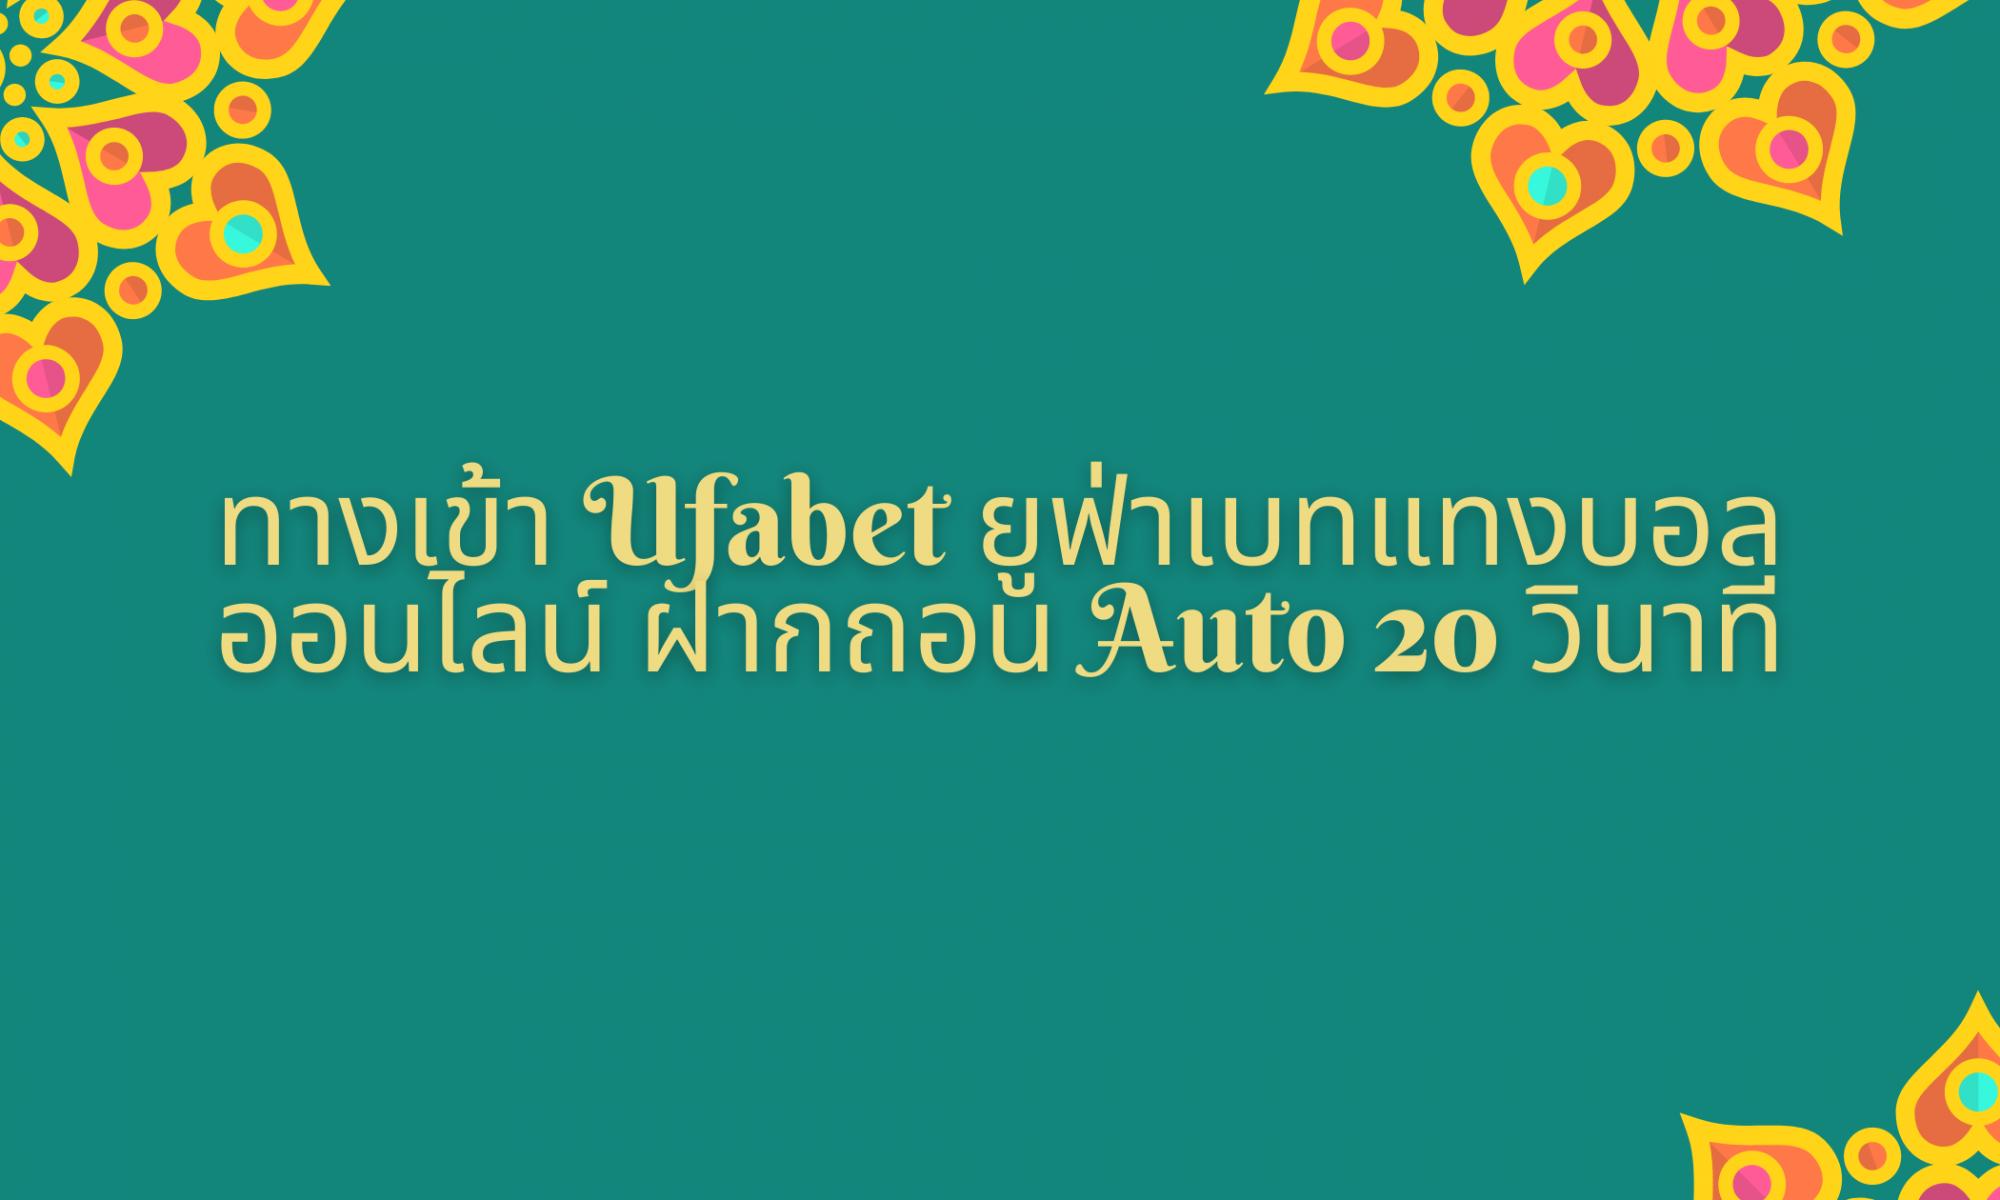 ทางเข้า Ufabet ยูฟ่าเบทแทงบอลออนไลน์ ฝากถอน Auto 20 วินาที